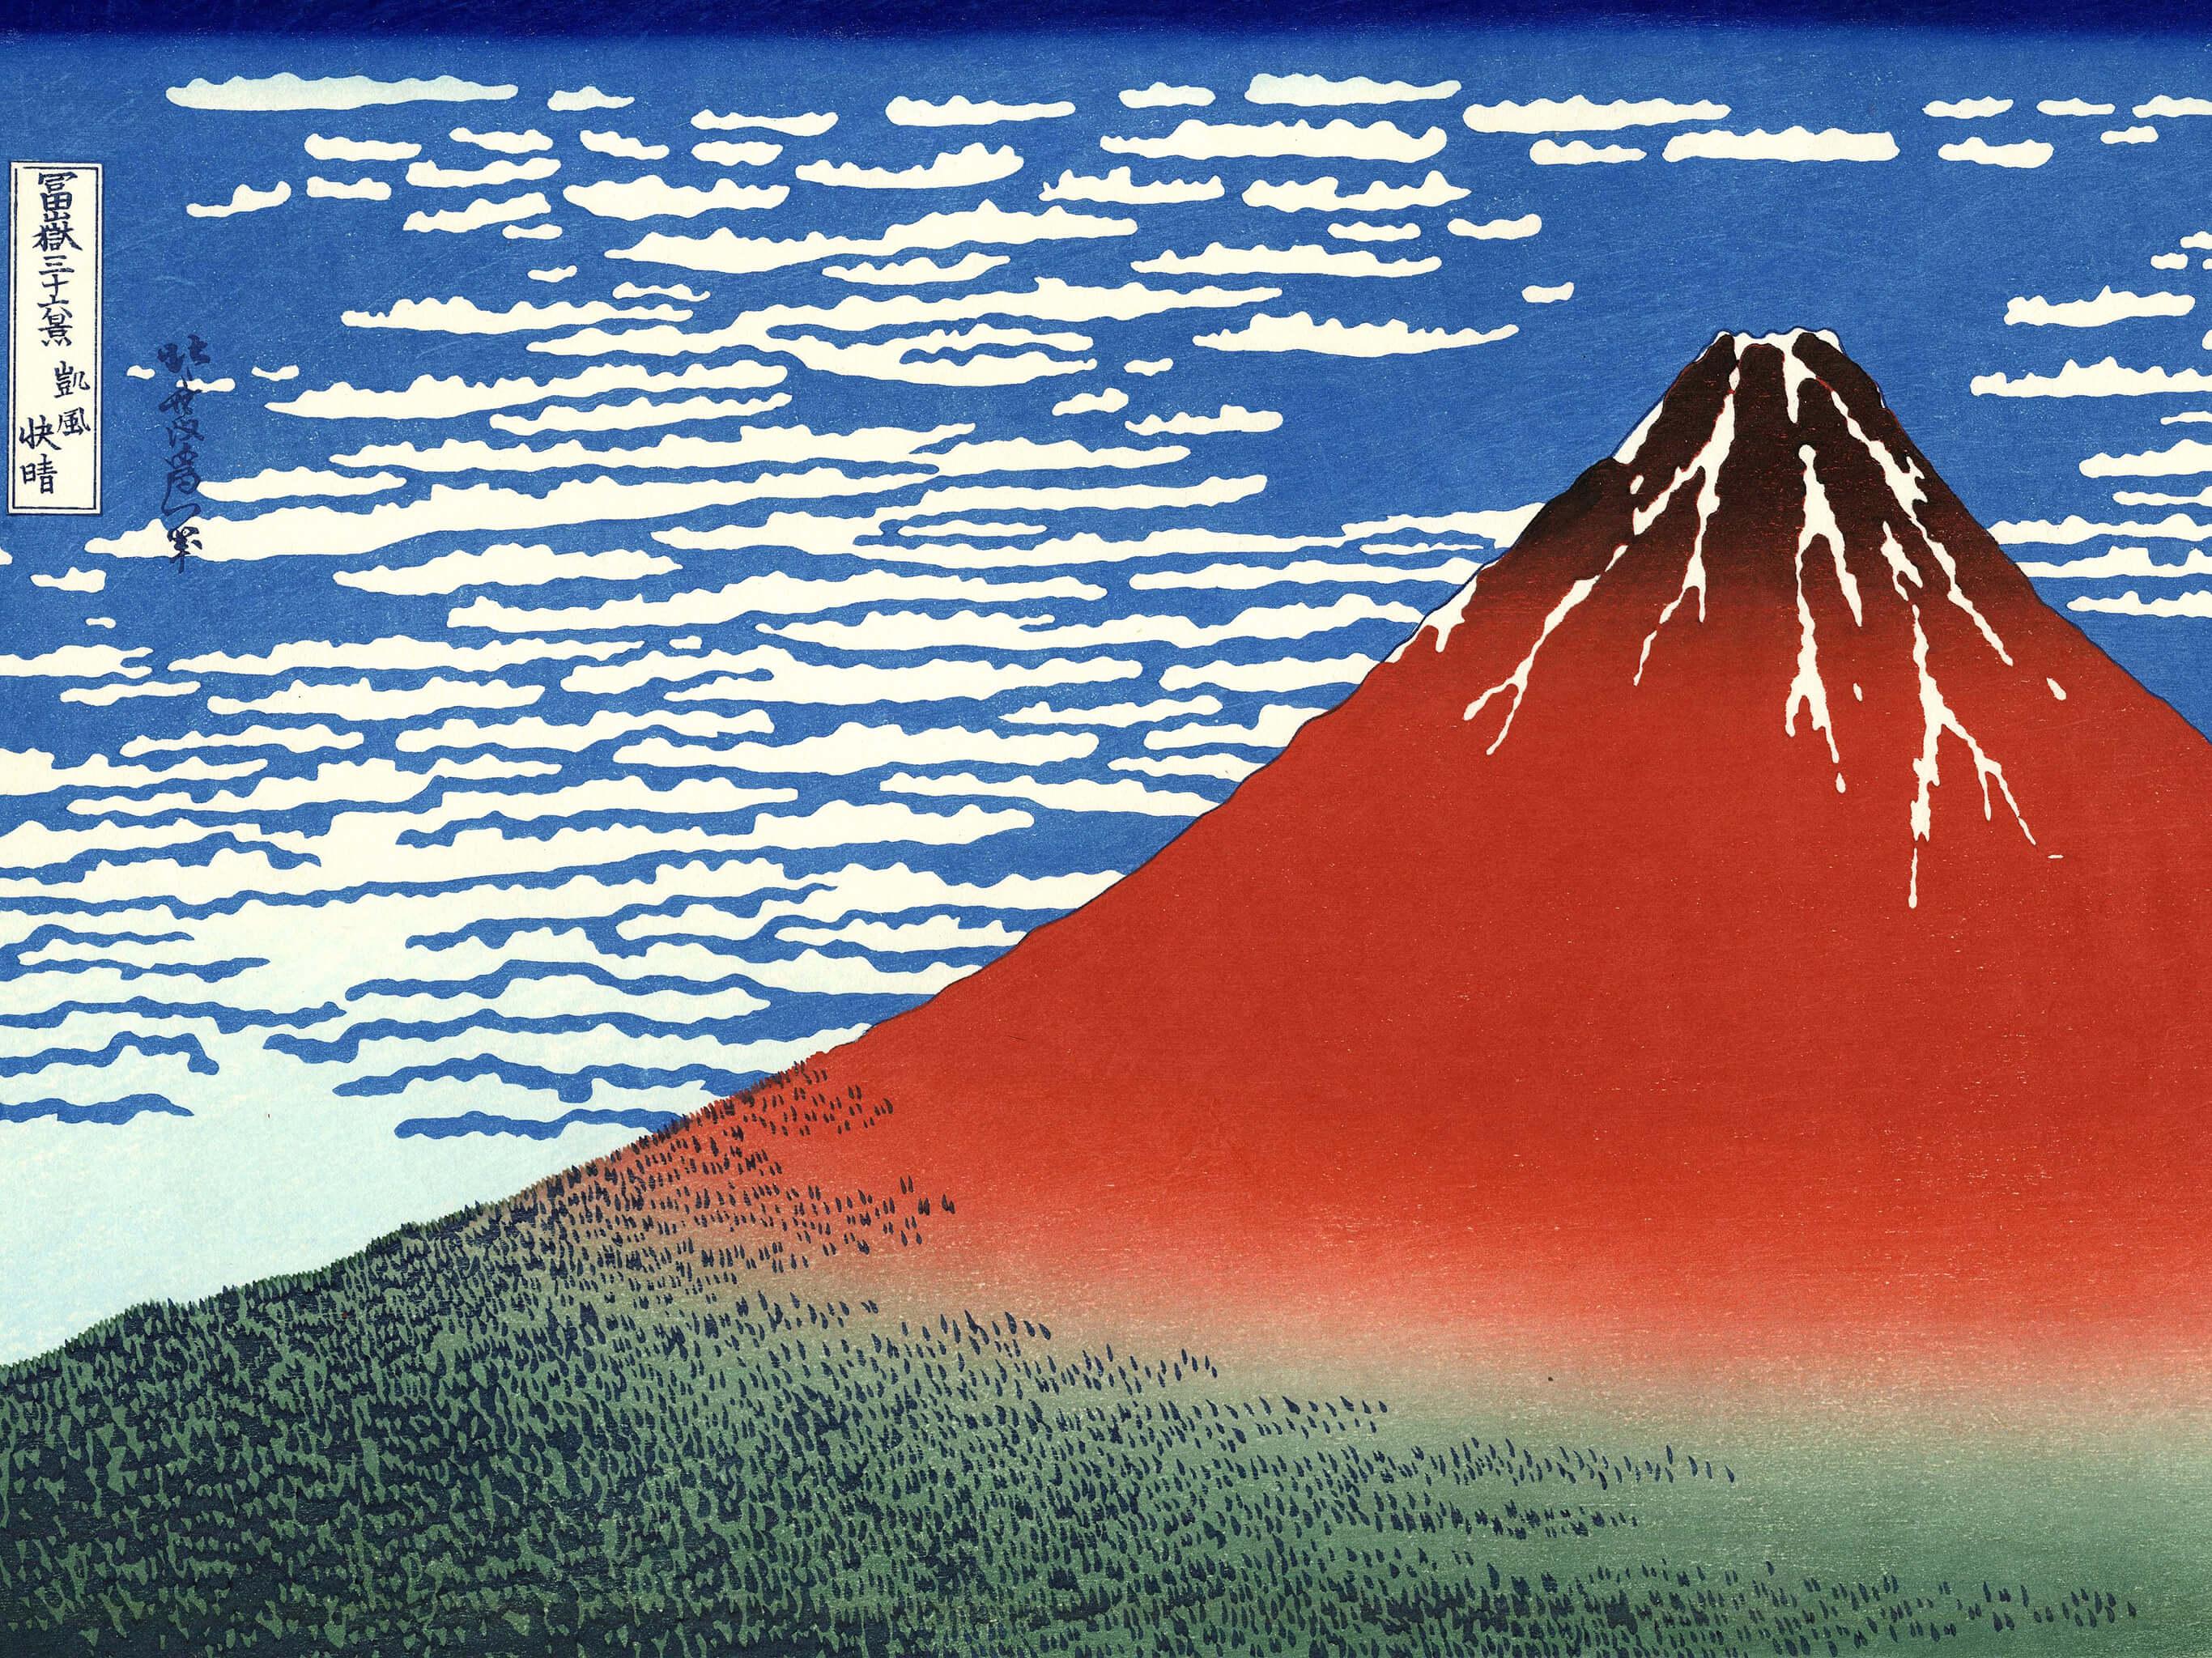 Katsushika Hokusai-Gaifu kaisei_2732x2048